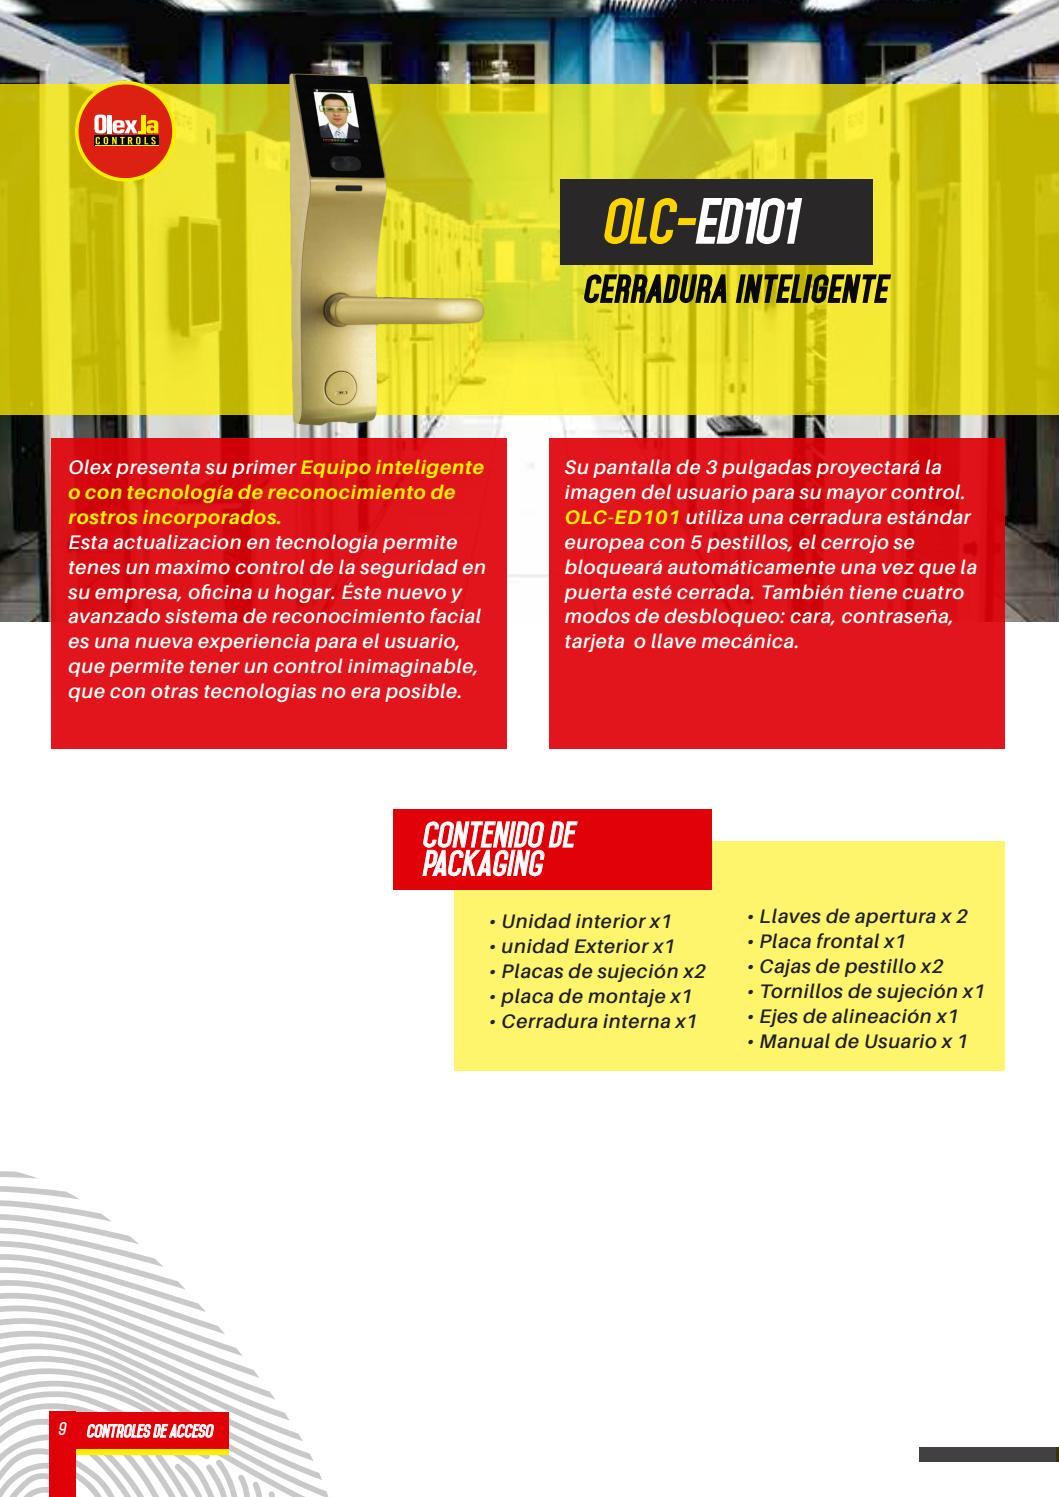 Catálogo Olex controls 2017 by Olex la / Visionxip - issuu